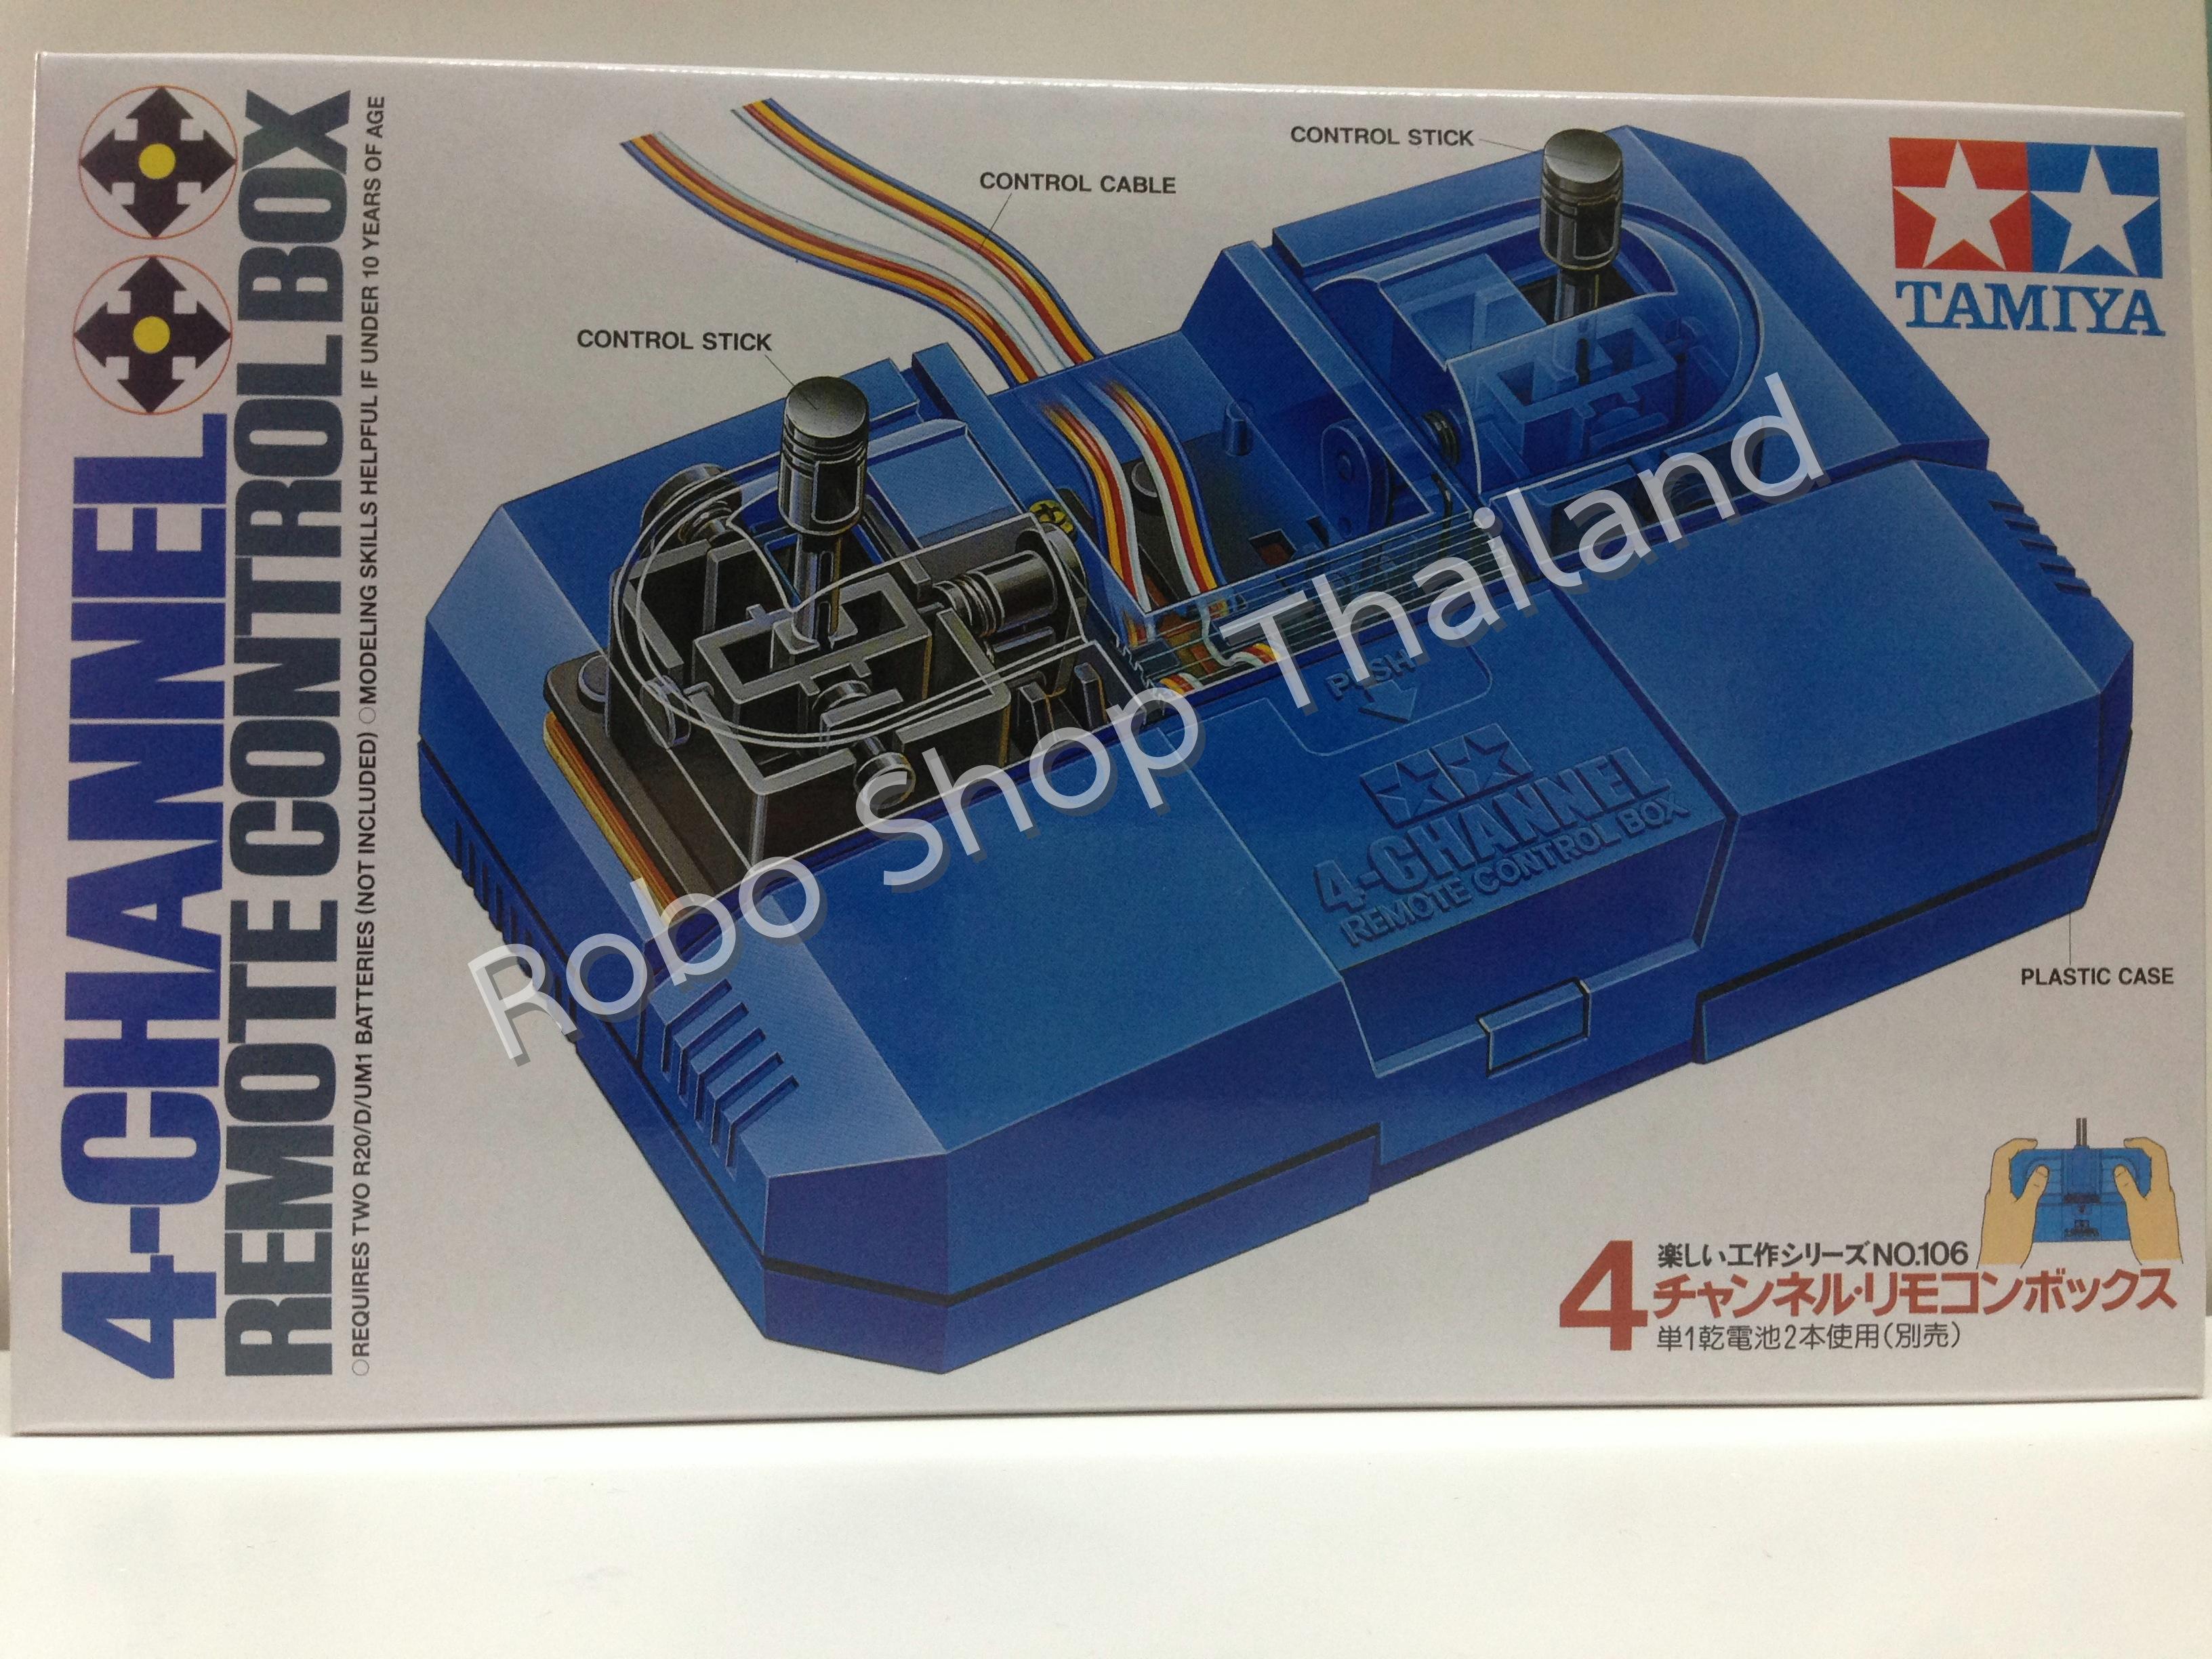 4-Channel Remote Control Box